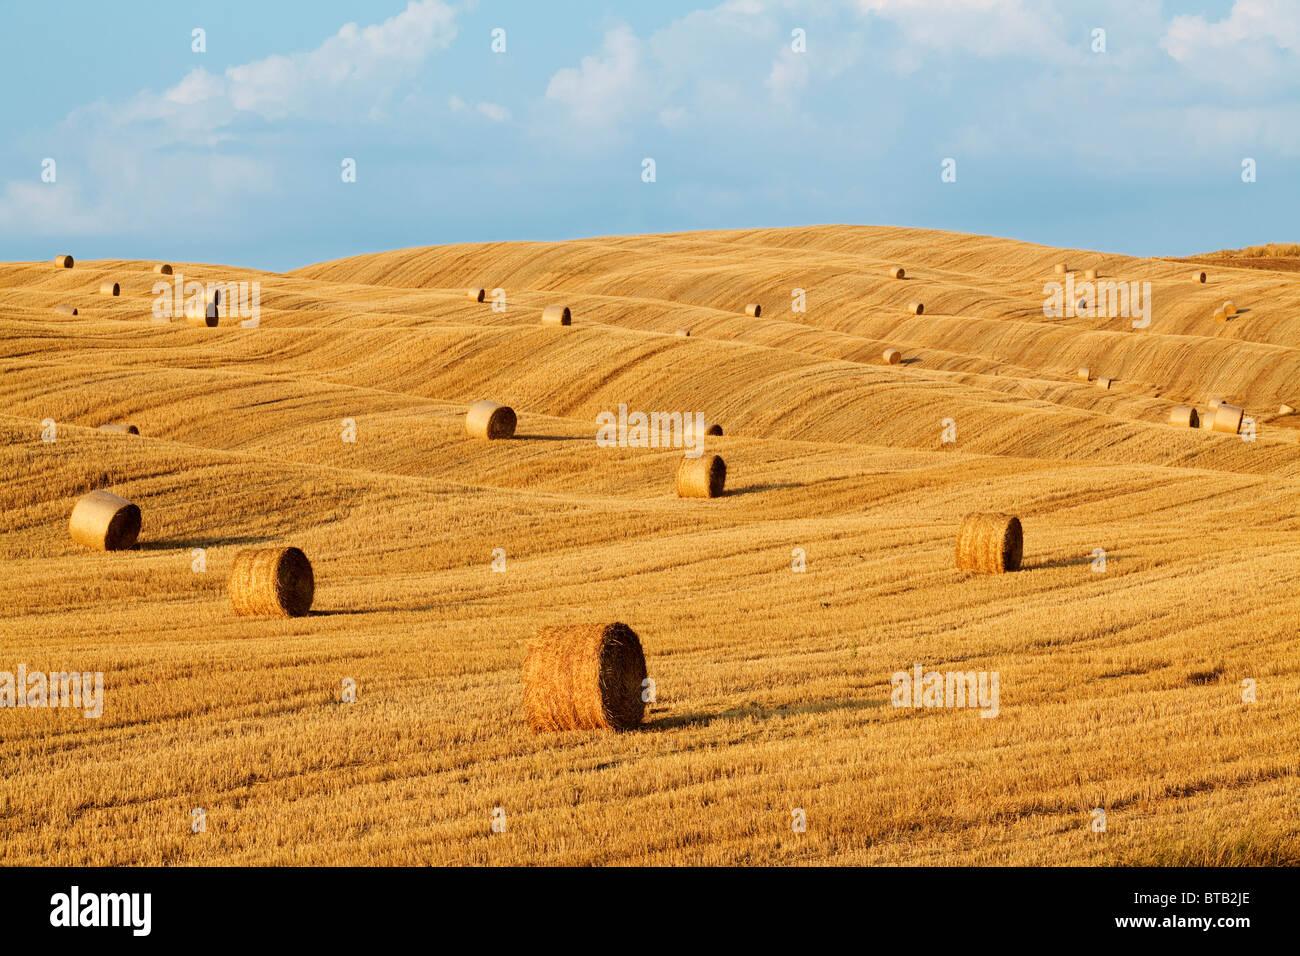 Hay rolls in a field near Pienza - Tuscany, Italy - Stock Image